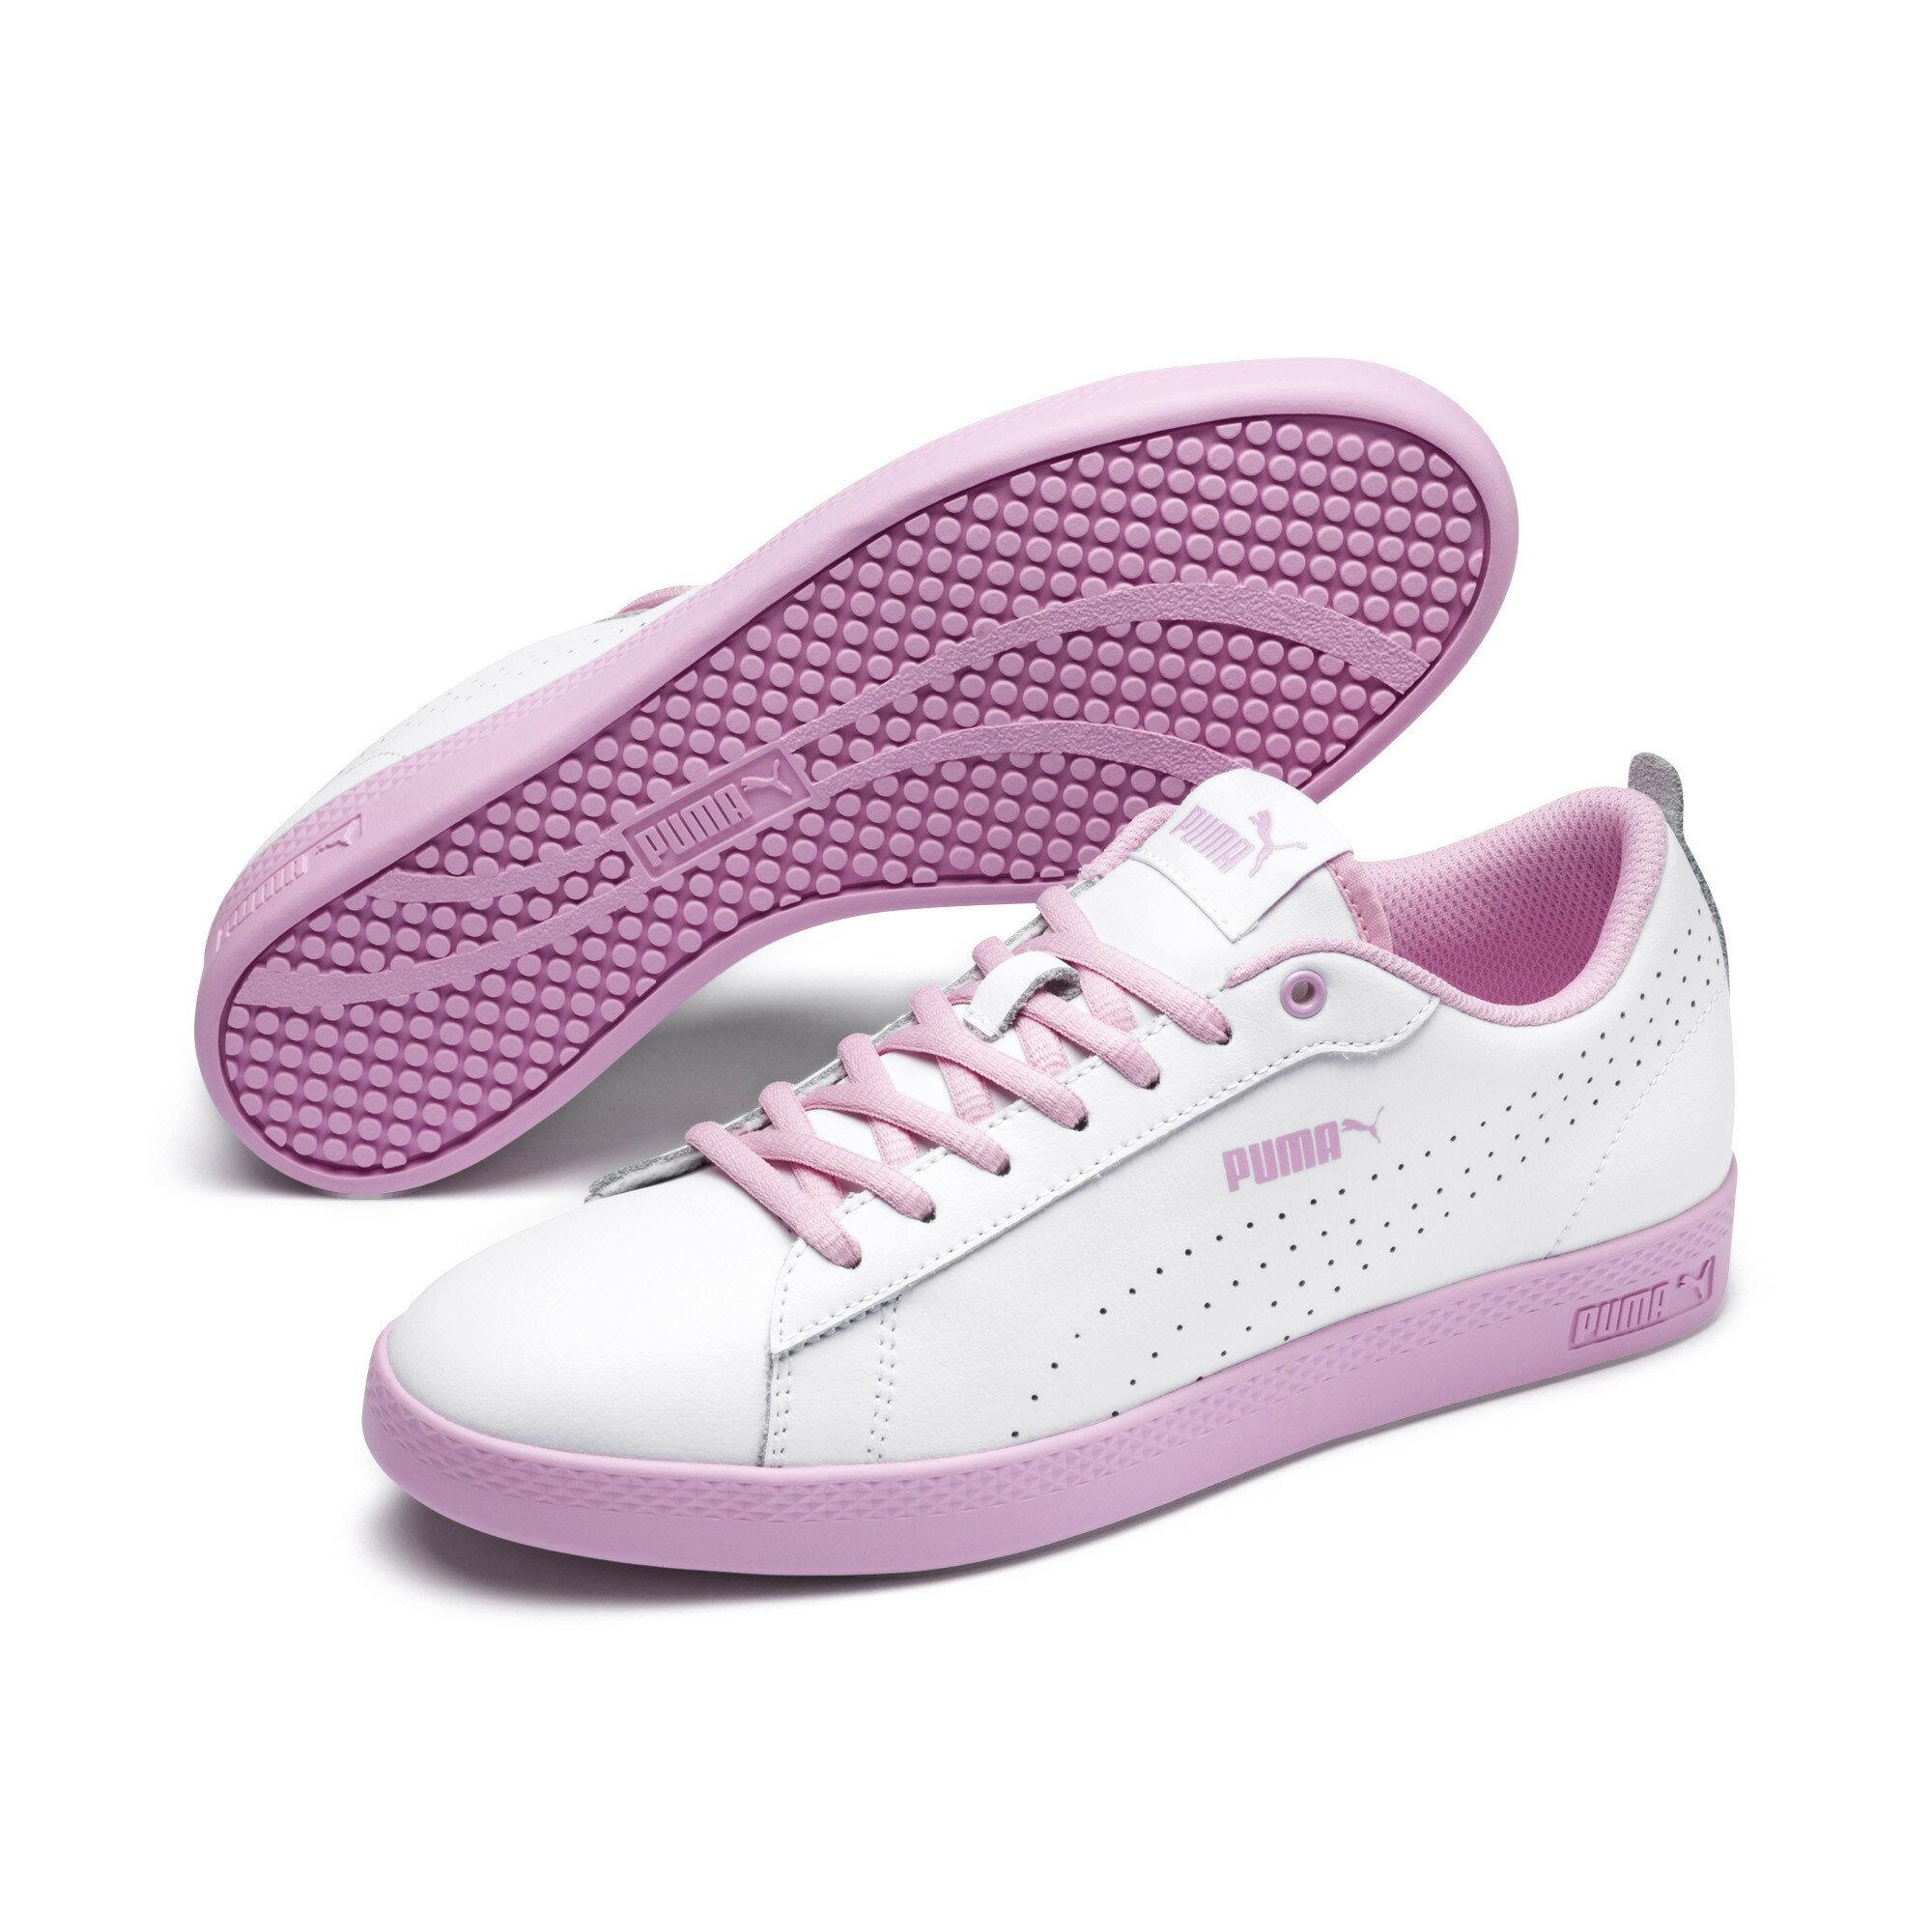 4296cbe1a4e7 Official Puma Store  PUMA Smash V2 L Perf Women s Sneakers